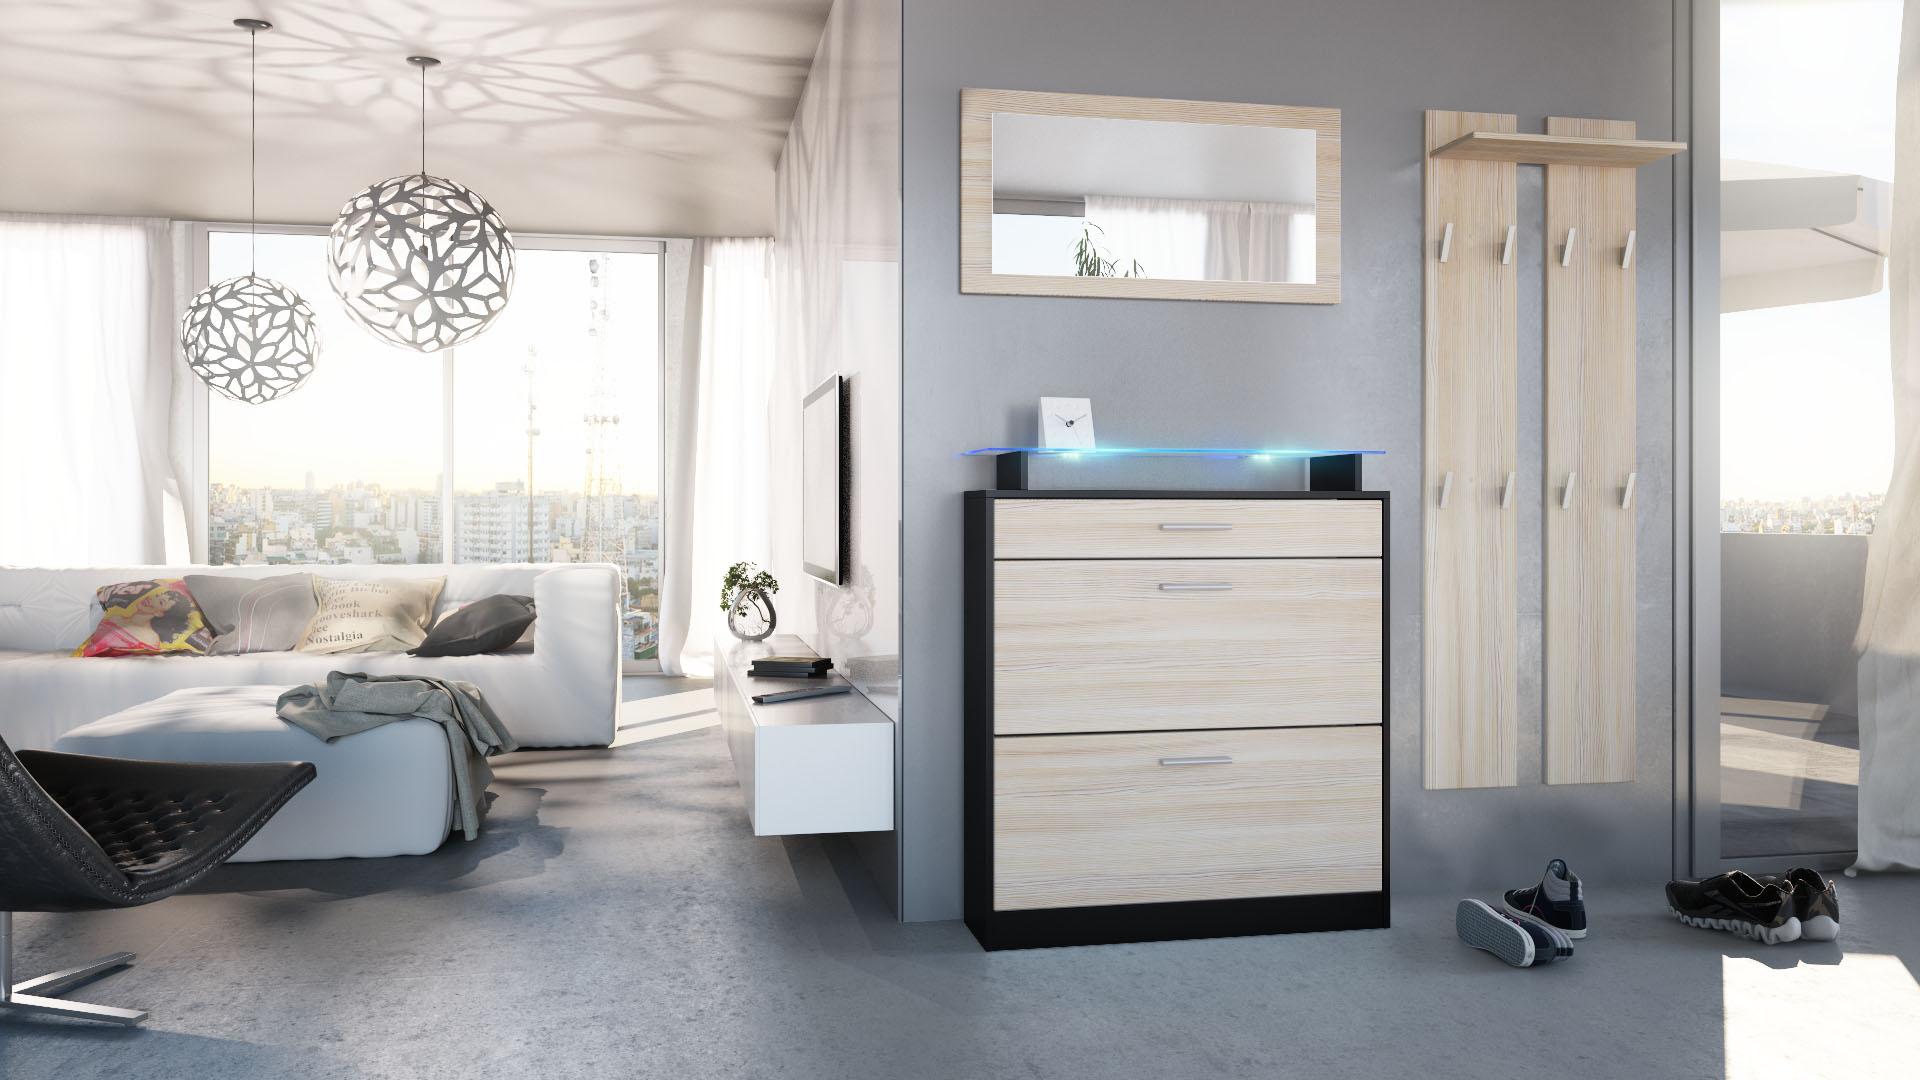 garderobenset garderobe paneel schuhschrank spiegel loret mini schwarz hochglanz ebay. Black Bedroom Furniture Sets. Home Design Ideas